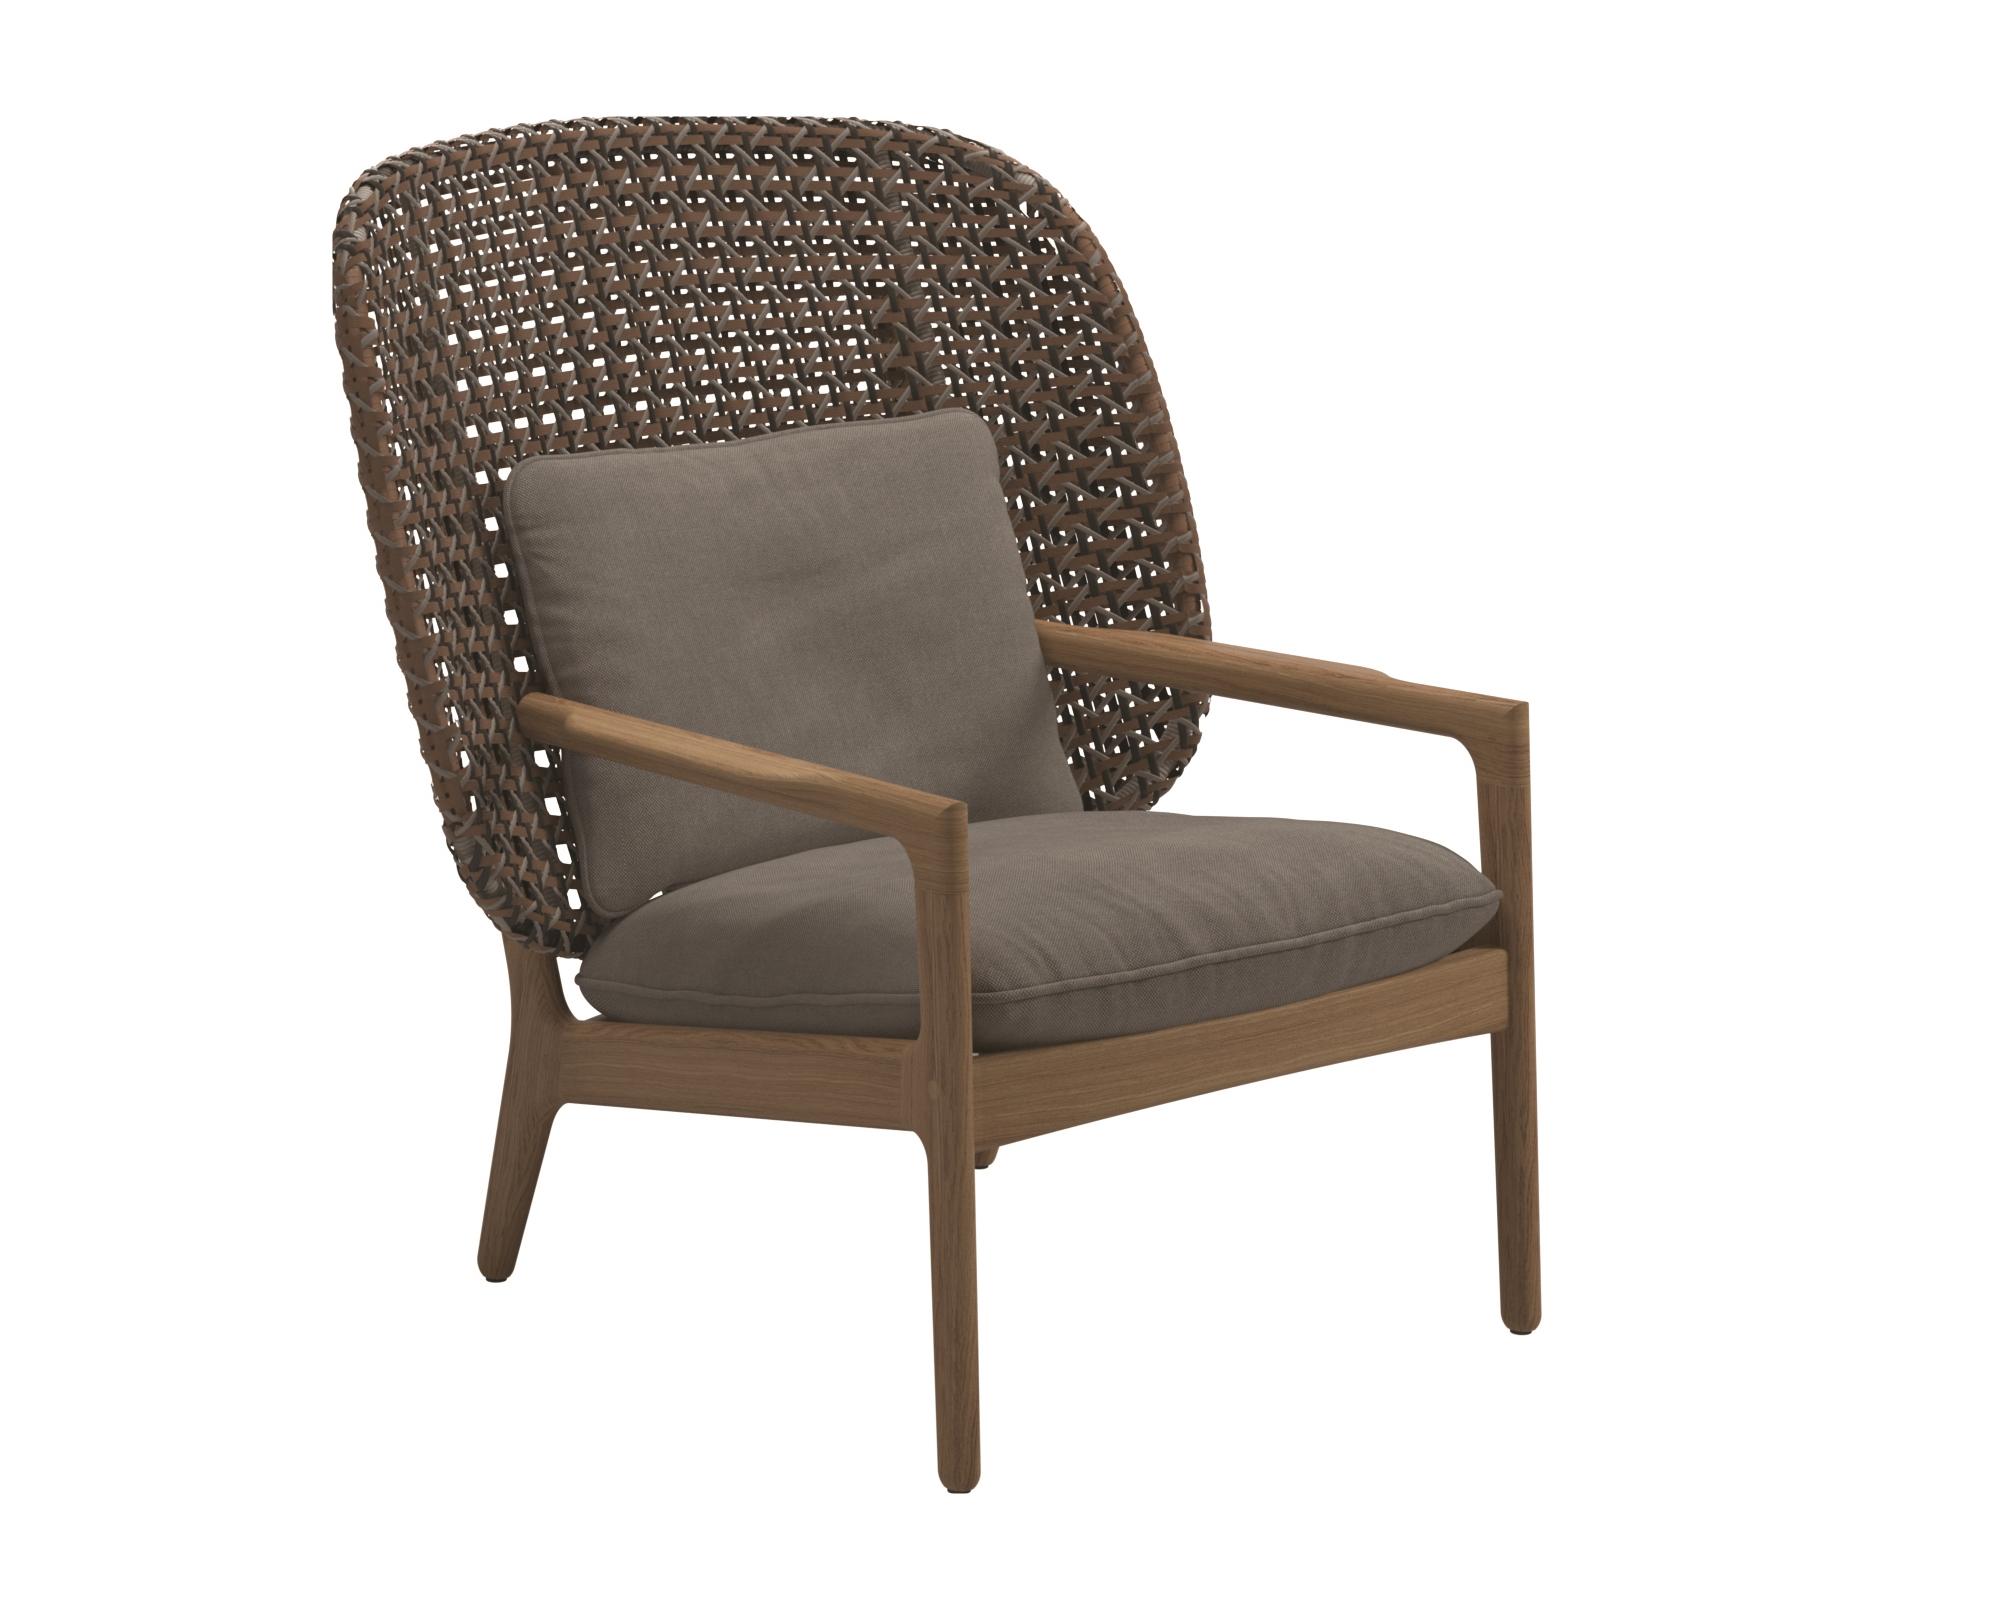 Garten Lounge Sessel Hl Kay Online Ausstellung Bowich